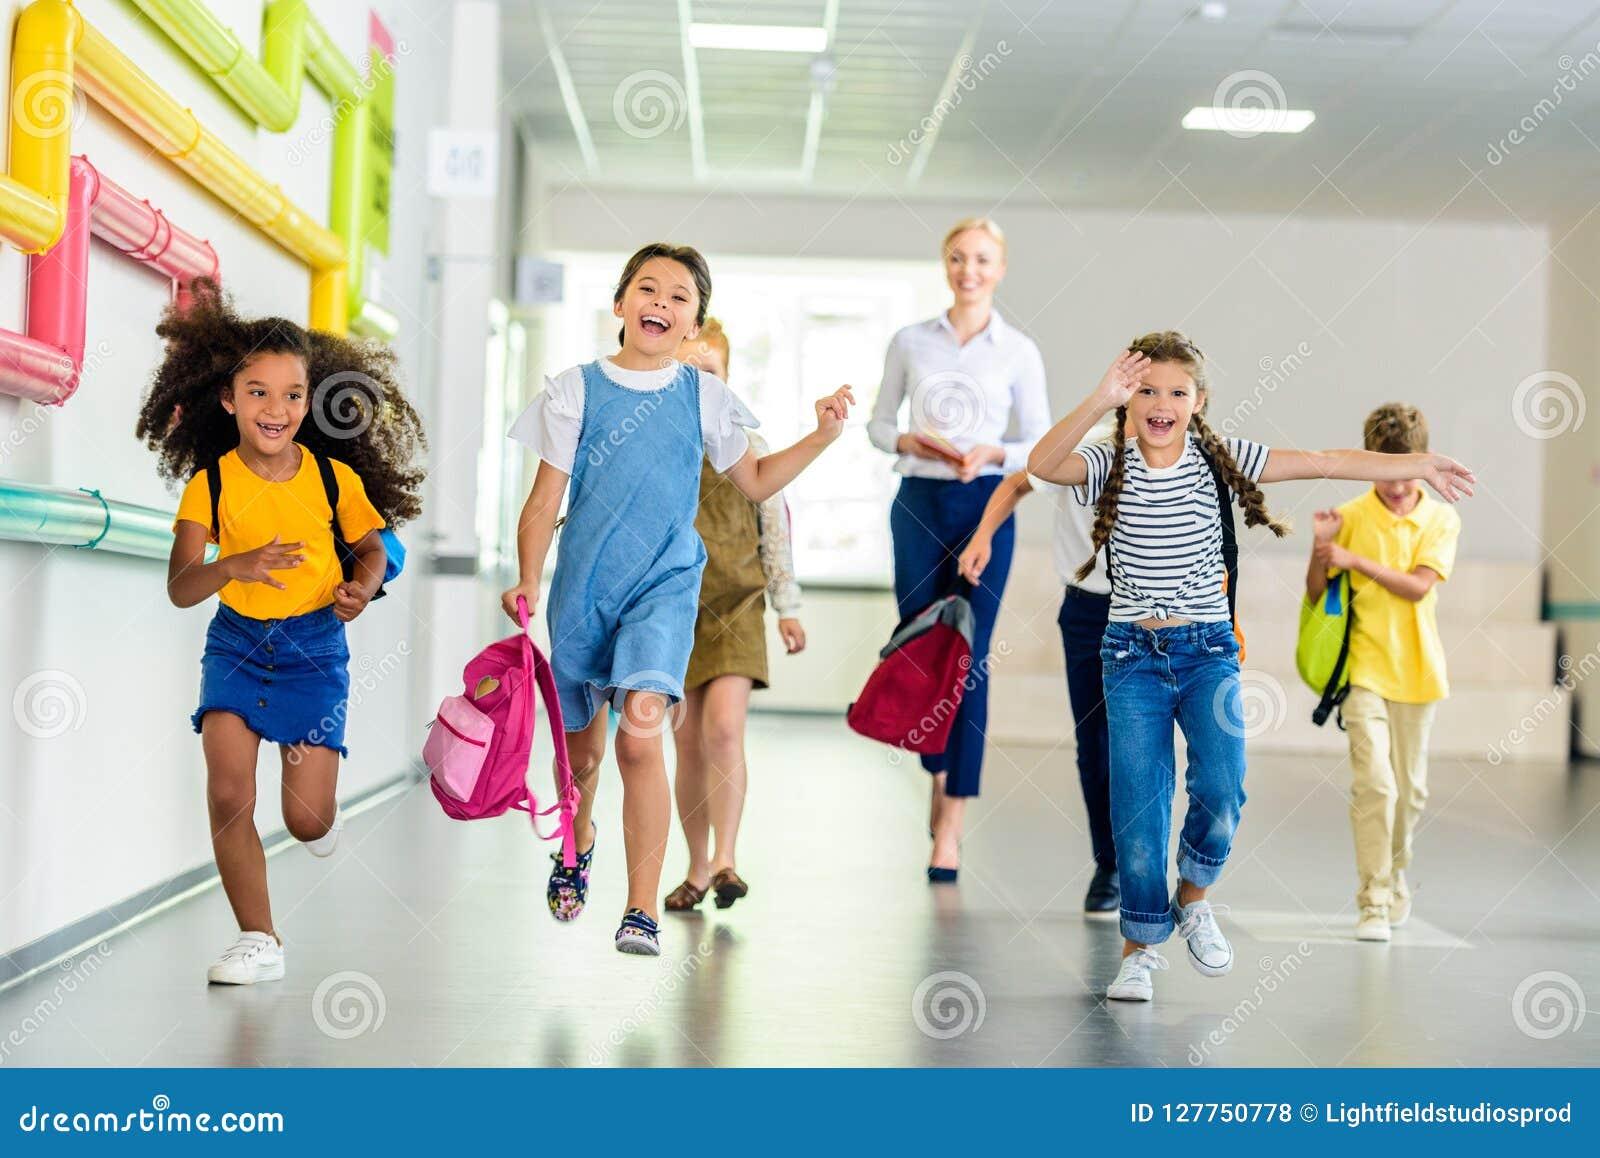 Alunos felizes adoráveis que correm pelo corredor da escola junto com o professor